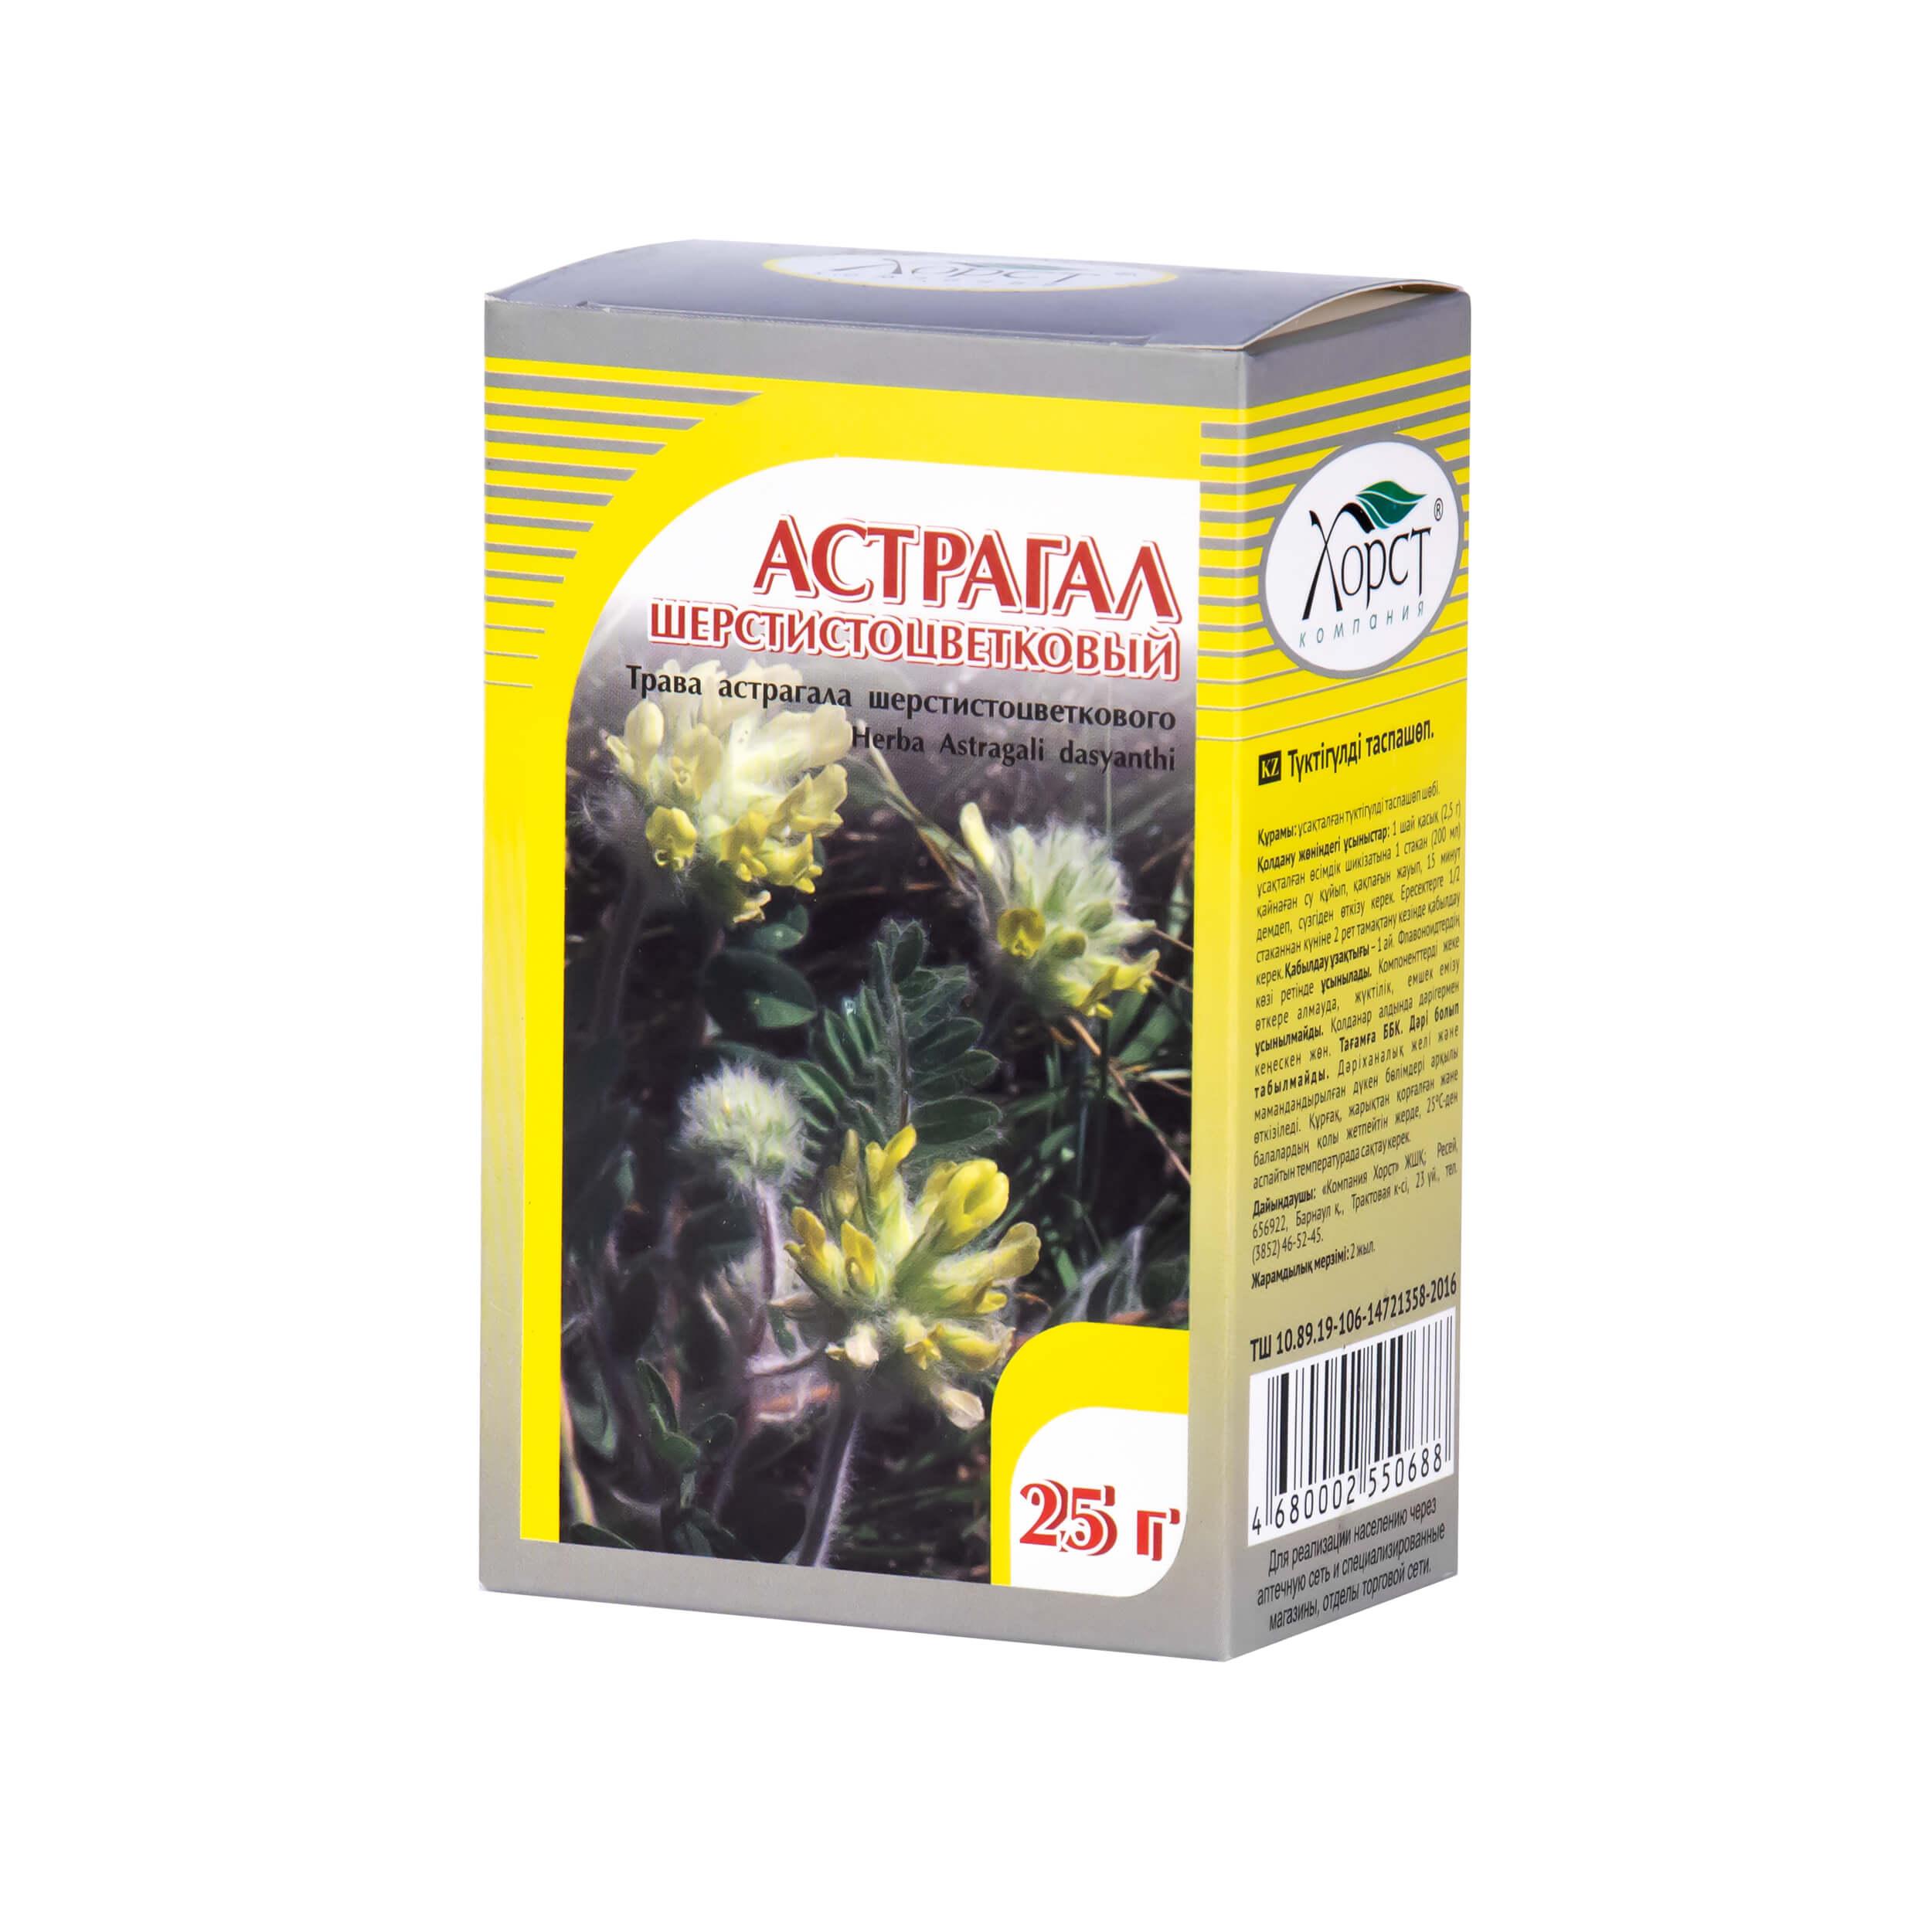 Астрагал шерстистоцветковый (трава, 25 грамм) фото